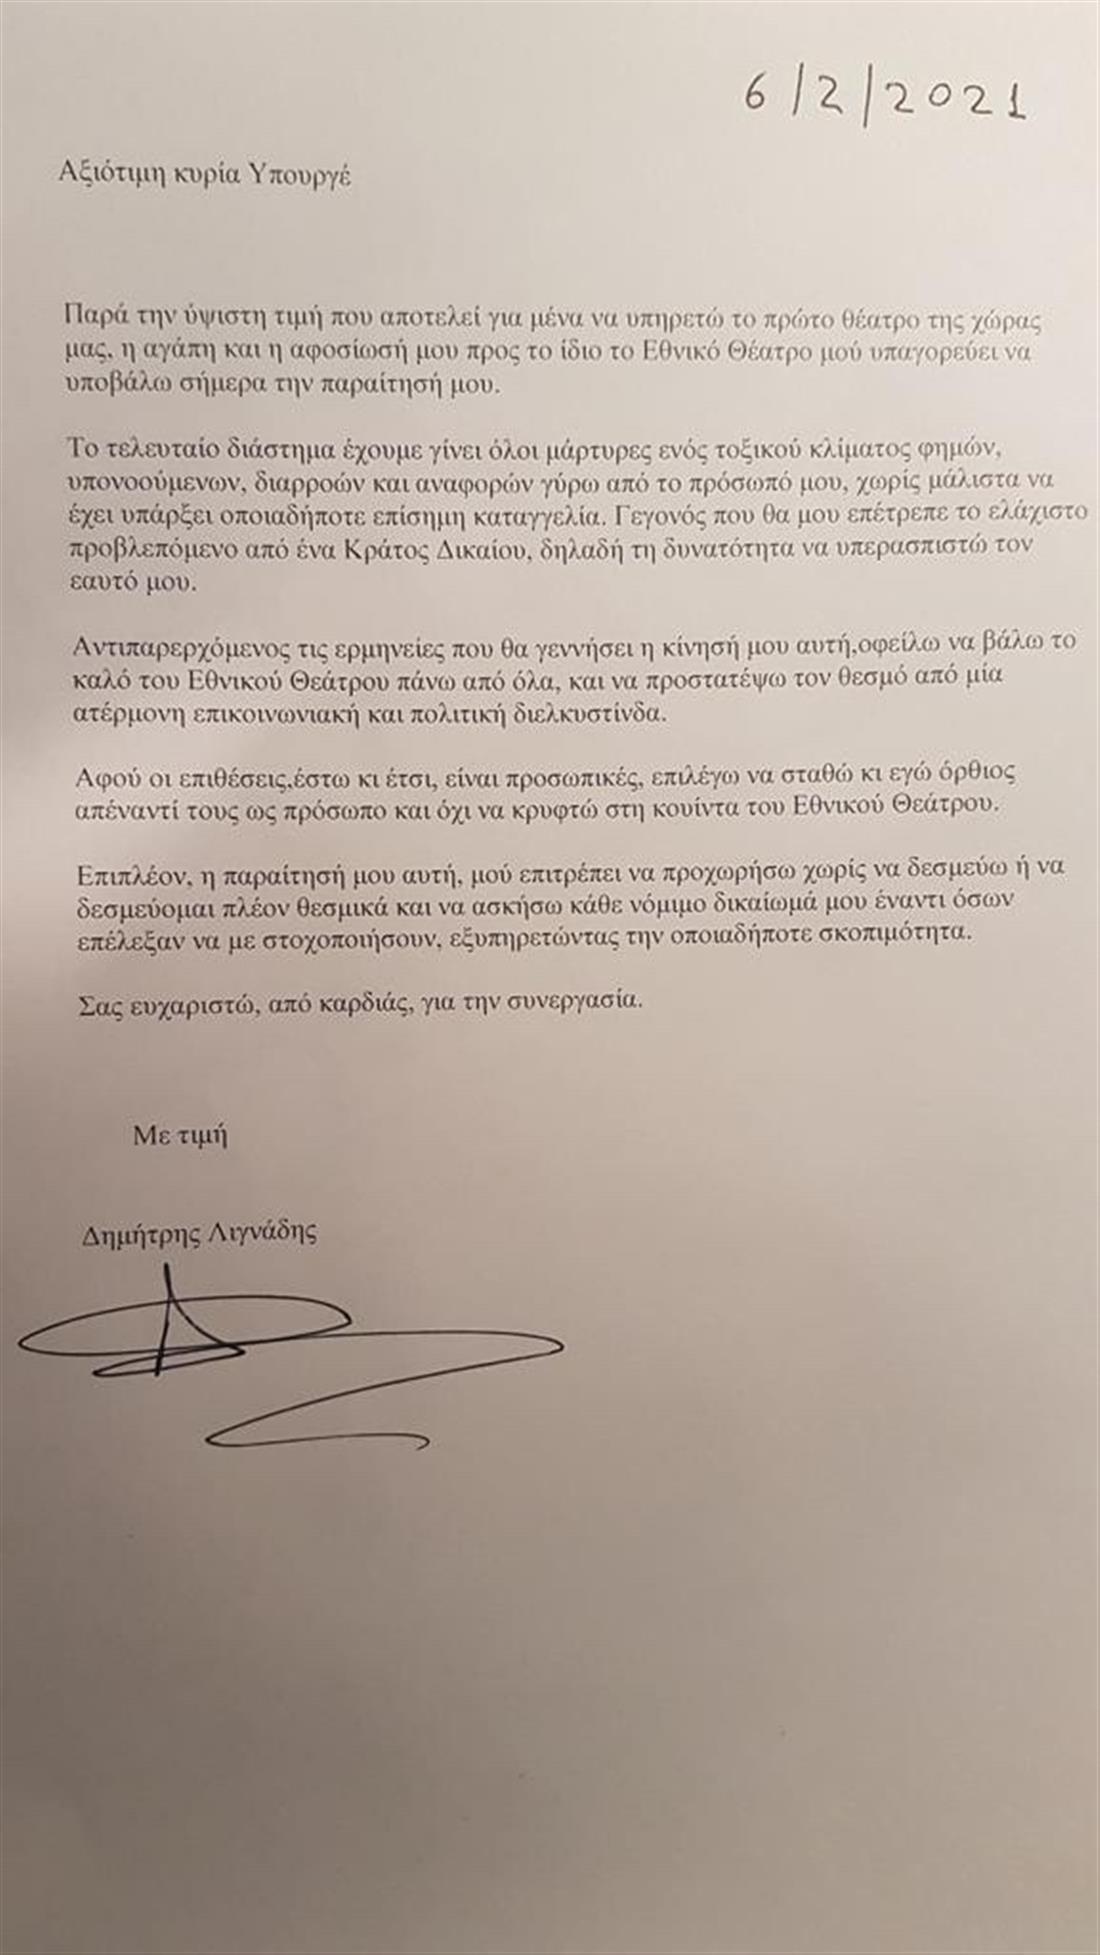 Δημήτρης Λιγνάδης - επιστολή παραίτησης